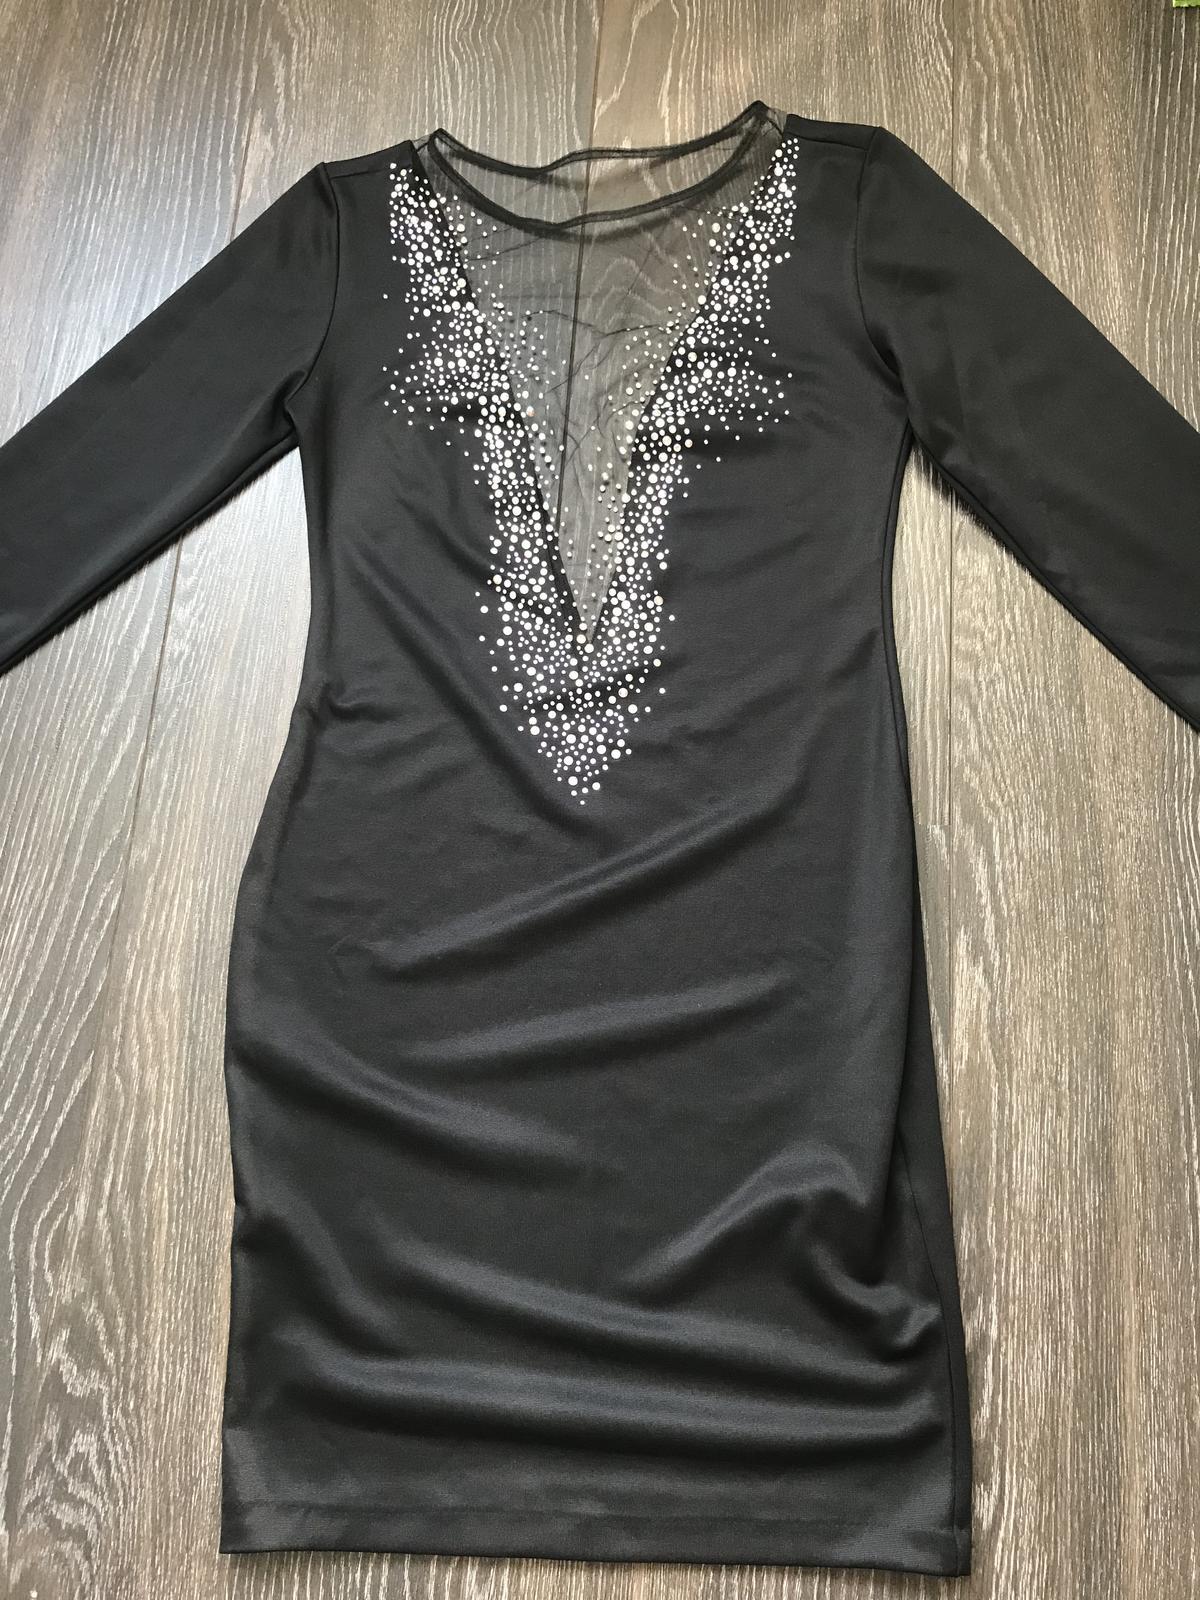 Kamienkové šaty - Obrázok č. 1